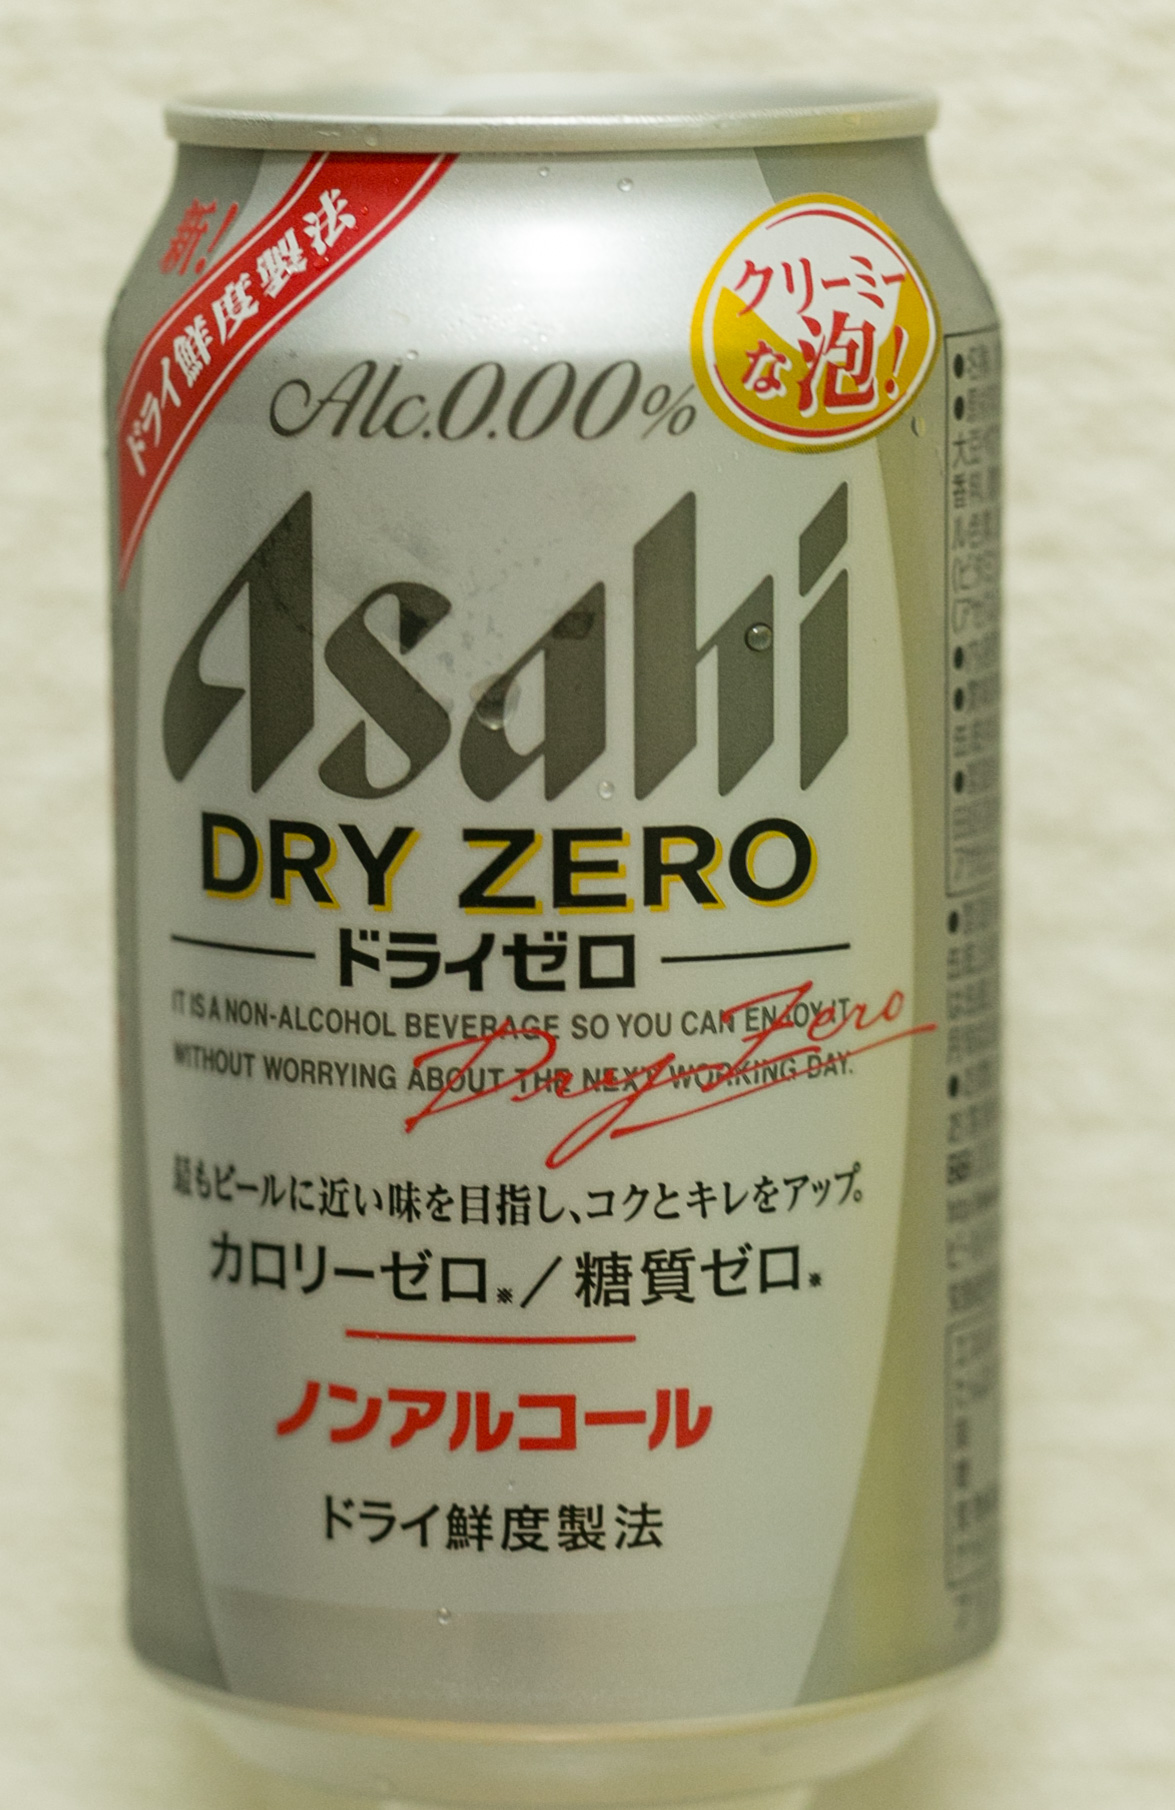 ダイエットの強い味方! ノンアルコールビール「アサヒ ドライゼロ」